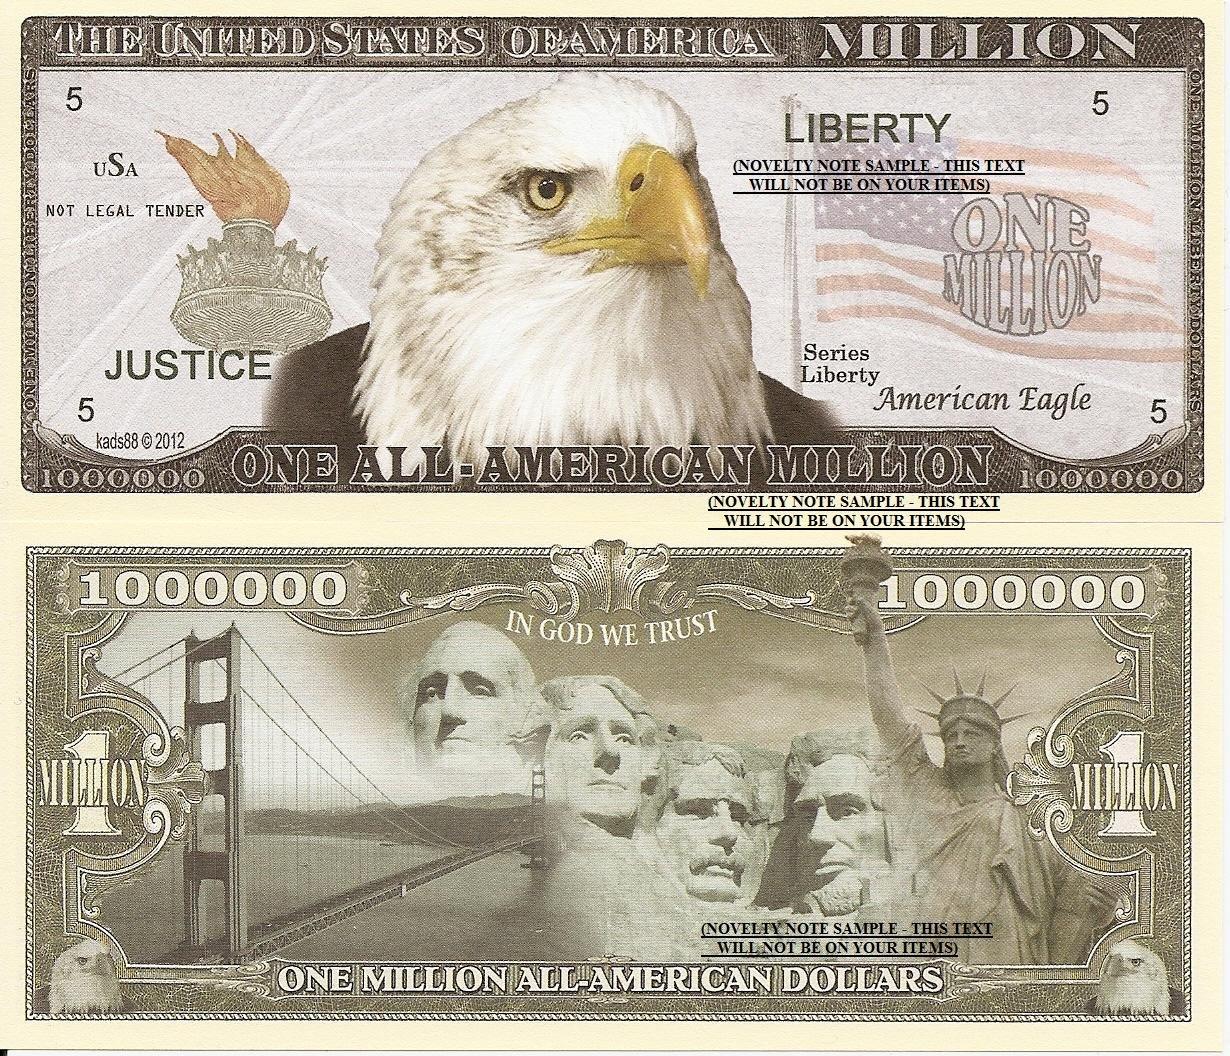 EAGLE BILLION DOLLAR NOVELTY BILL